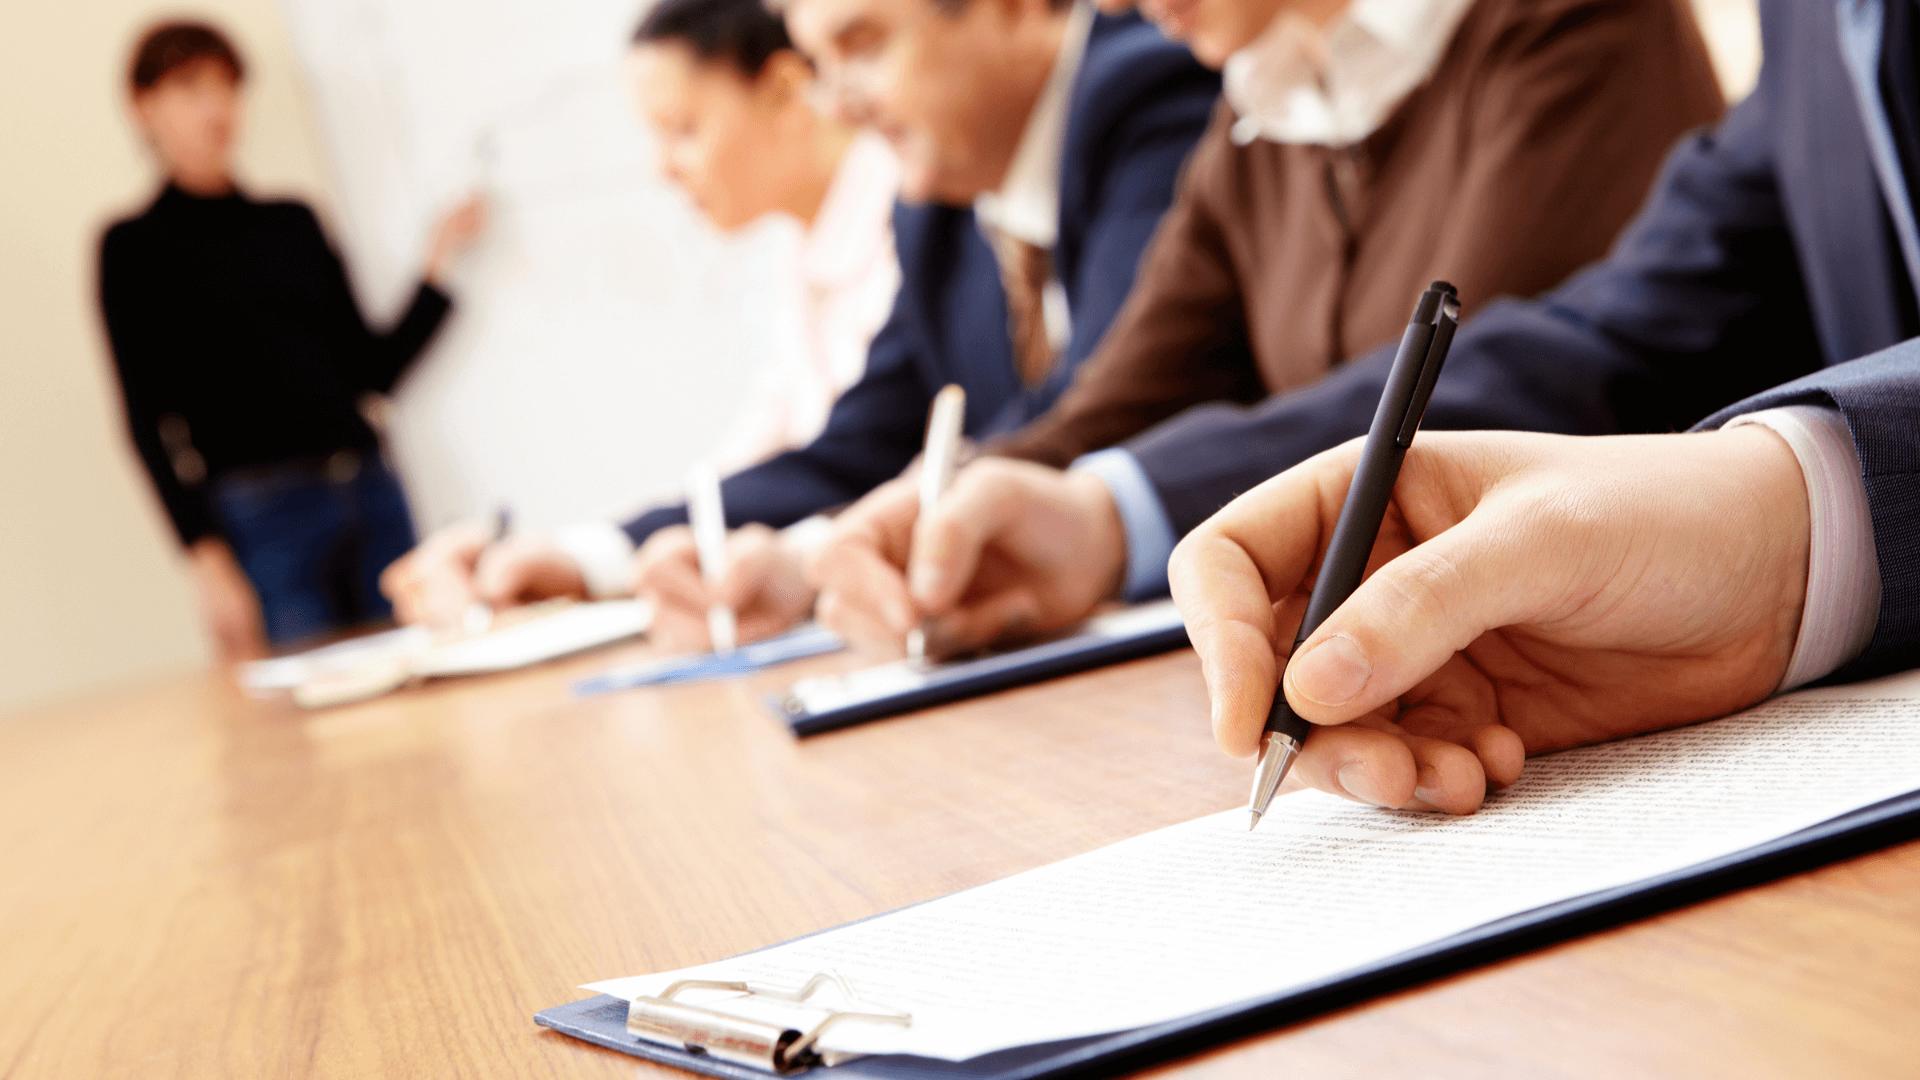 Akademisyenler ve Lisansüstü Öğrenciler için Eğiticinin Eğitimi